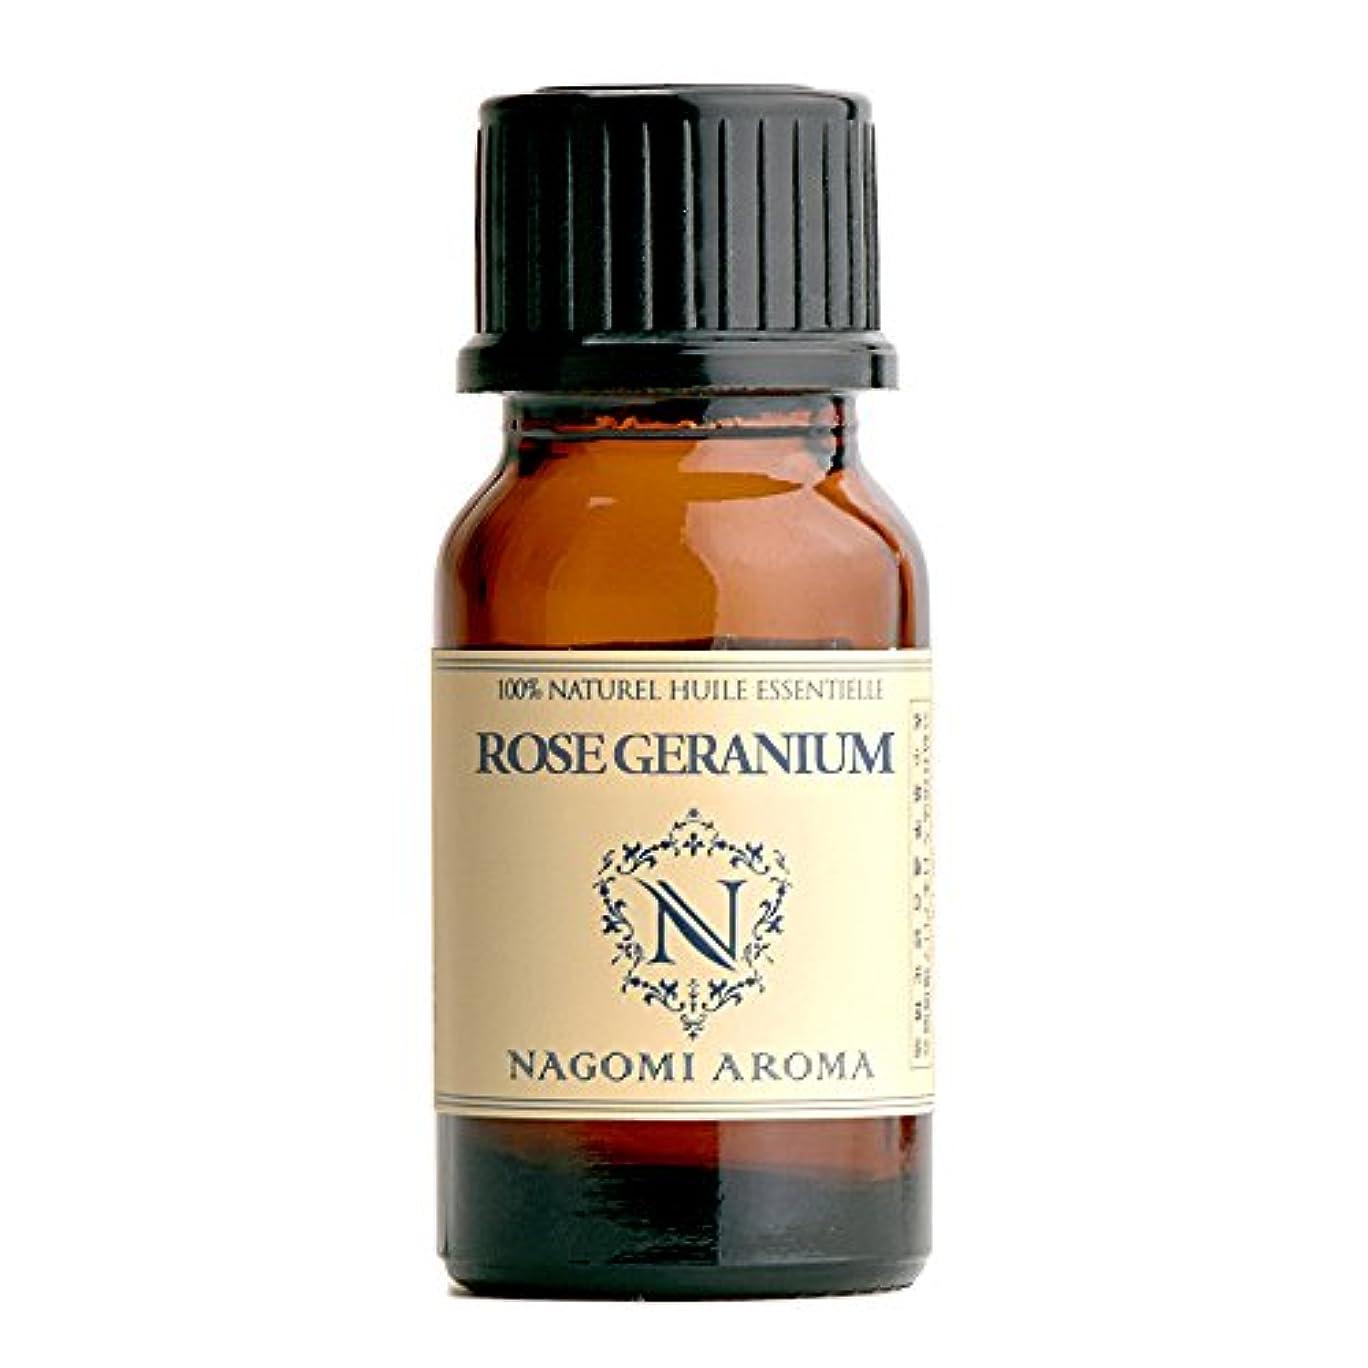 ワイン無駄なゴミ箱NAGOMI AROMA ローズゼラニウム 10ml 【AEAJ認定精油】【アロマオイル】